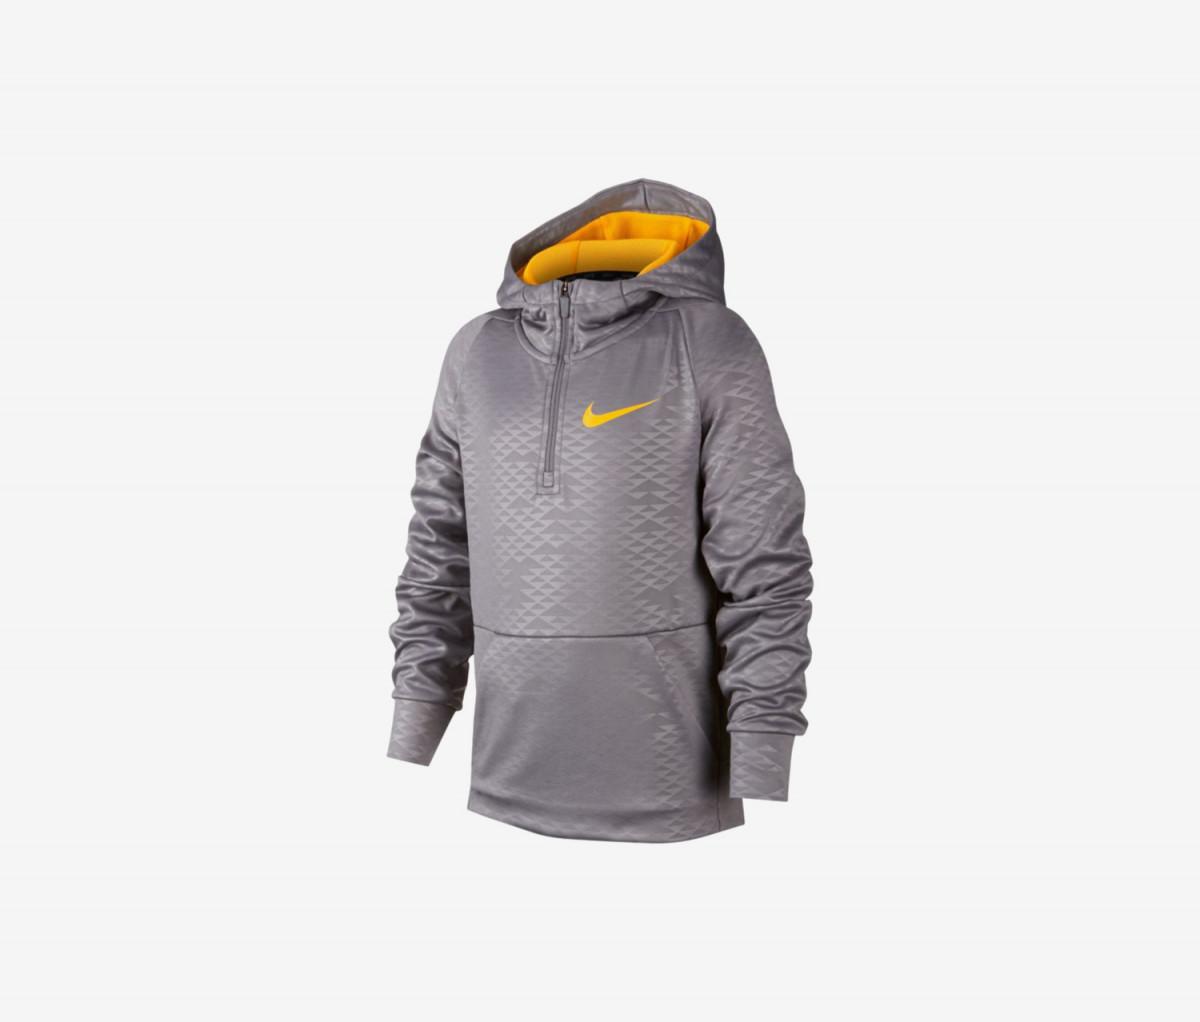 Nike Boys Therma 1/2 Zip Training Hoodie Sweatshirt  Grey